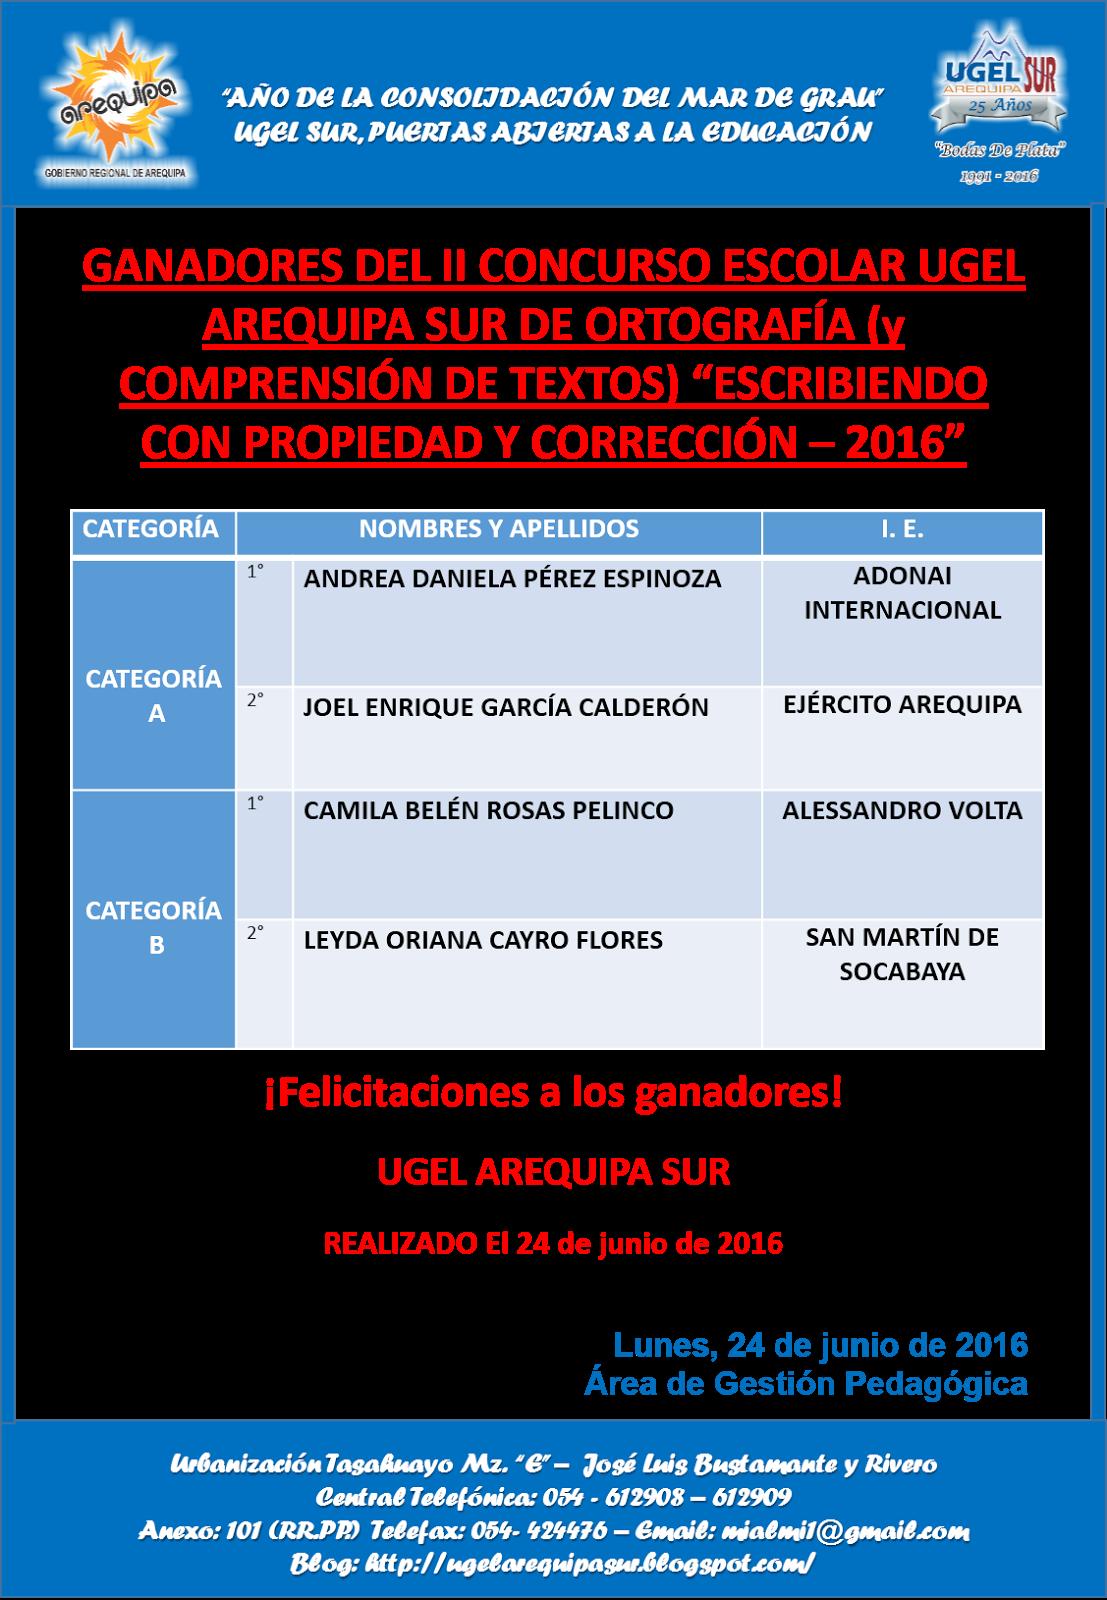 """II CONCURSO ESCOLAR DE LA UGEL AREQUIPA SUR """" ESCRIBIENDO CON PROPIEDAD Y CORRECCIÓN - 2016"""""""